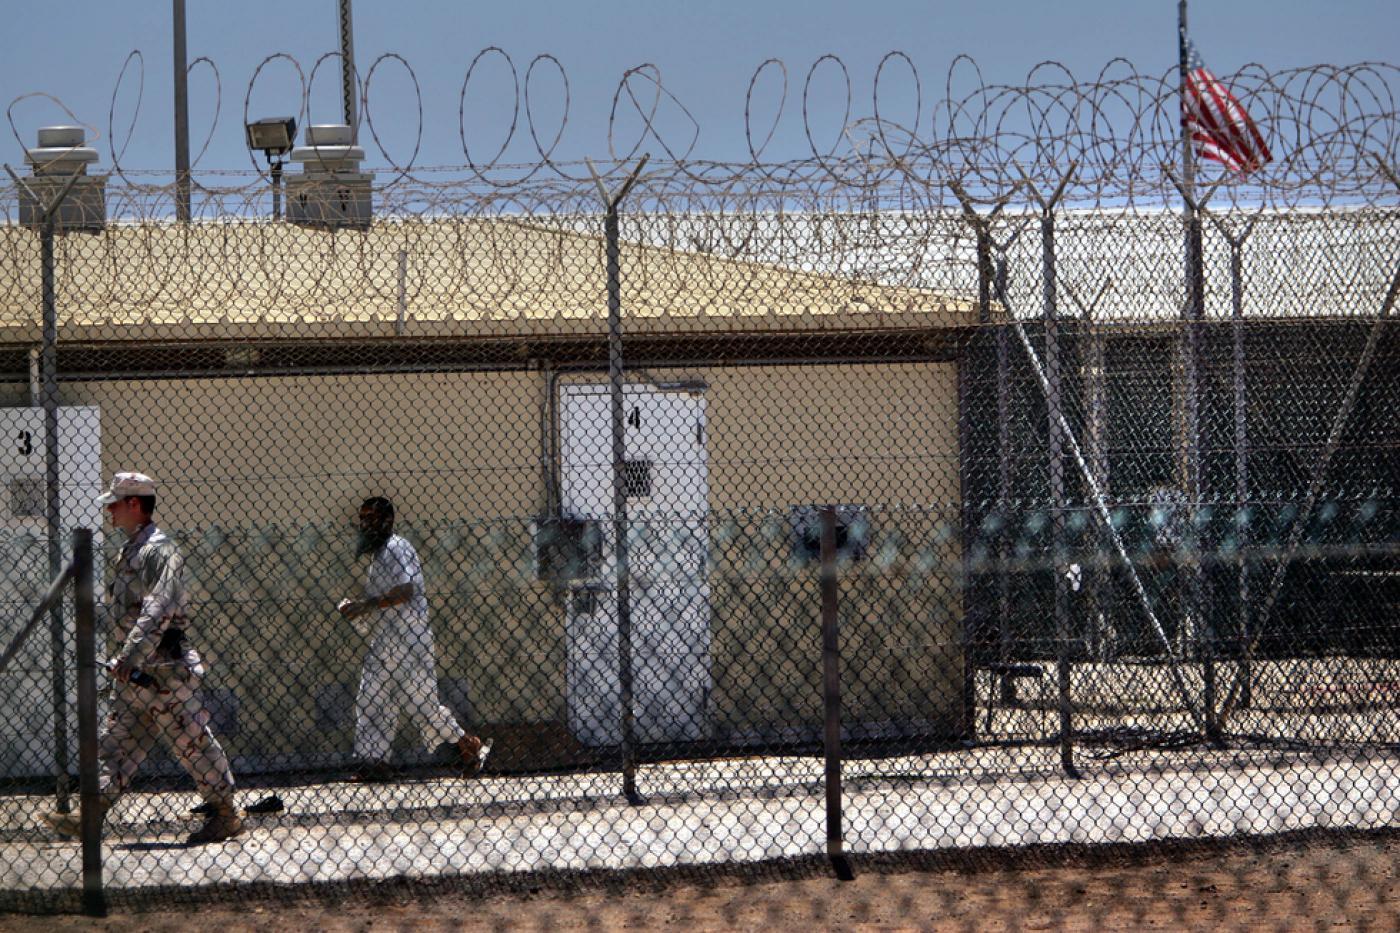 The US prison camp at Guantanamo Bay.